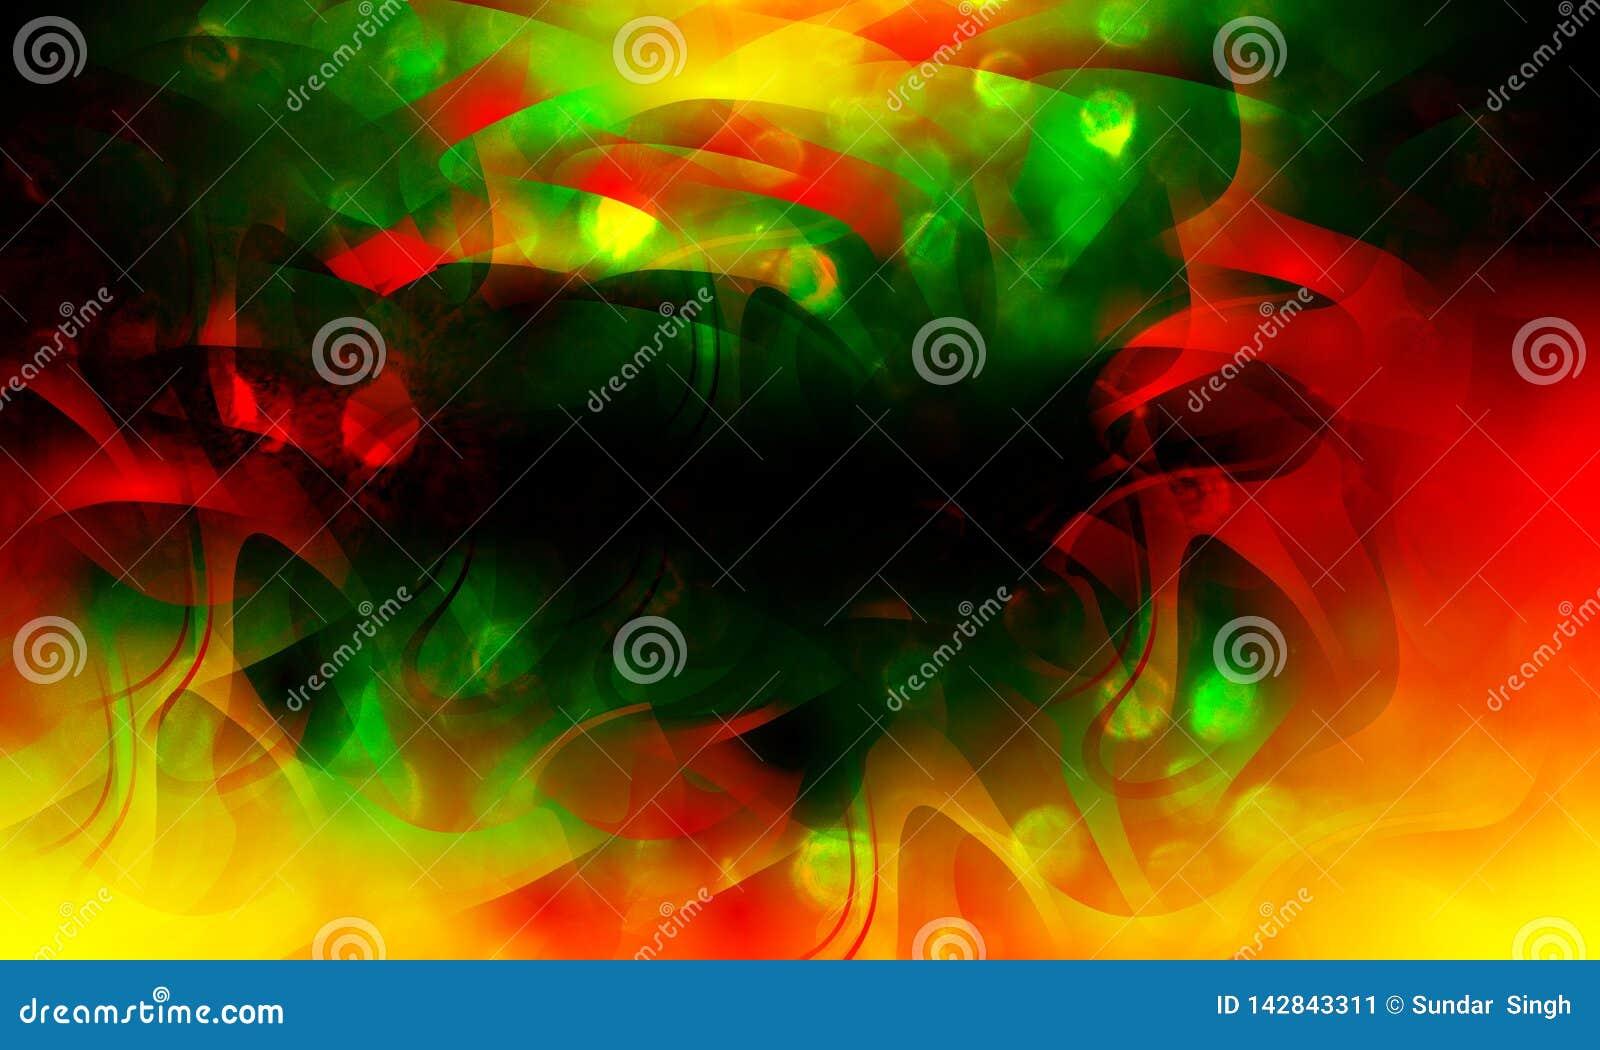 抽象五颜六色的波浪背景,圣诞节不可思议的闪闪发光,光点,导航残破的作用 背景背景蜡染布手册褐色圆的设计桌面例证邀请介绍树荫棕褐色二使用墙纸网站